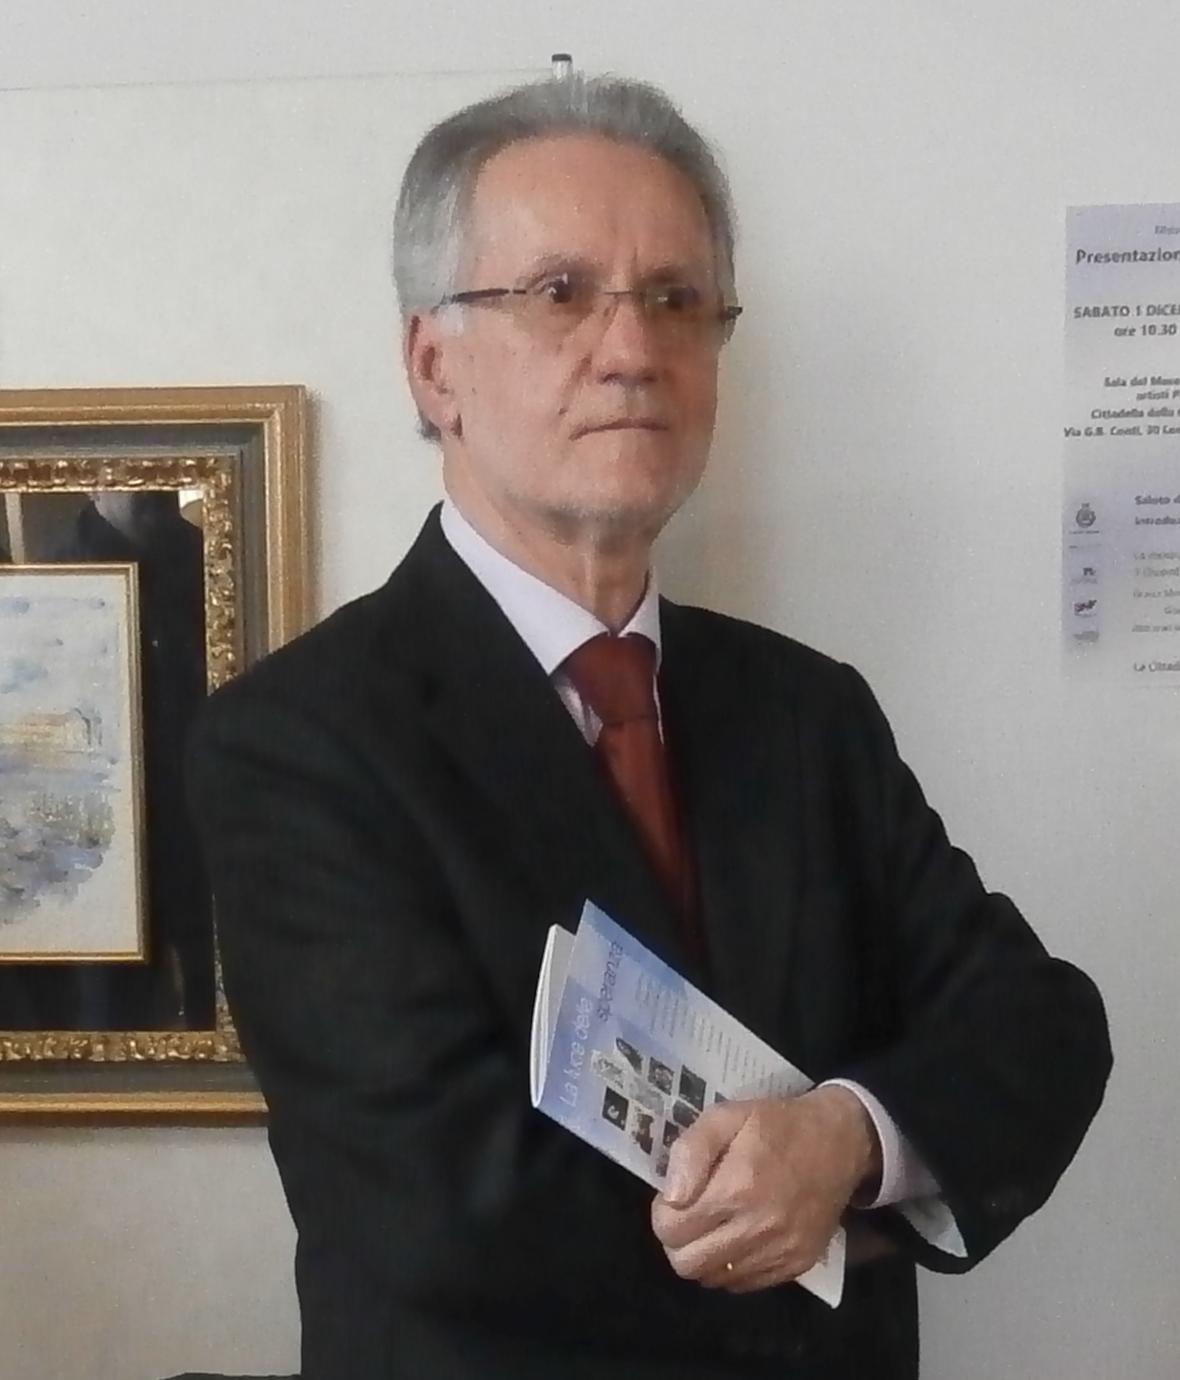 Guido Signorini